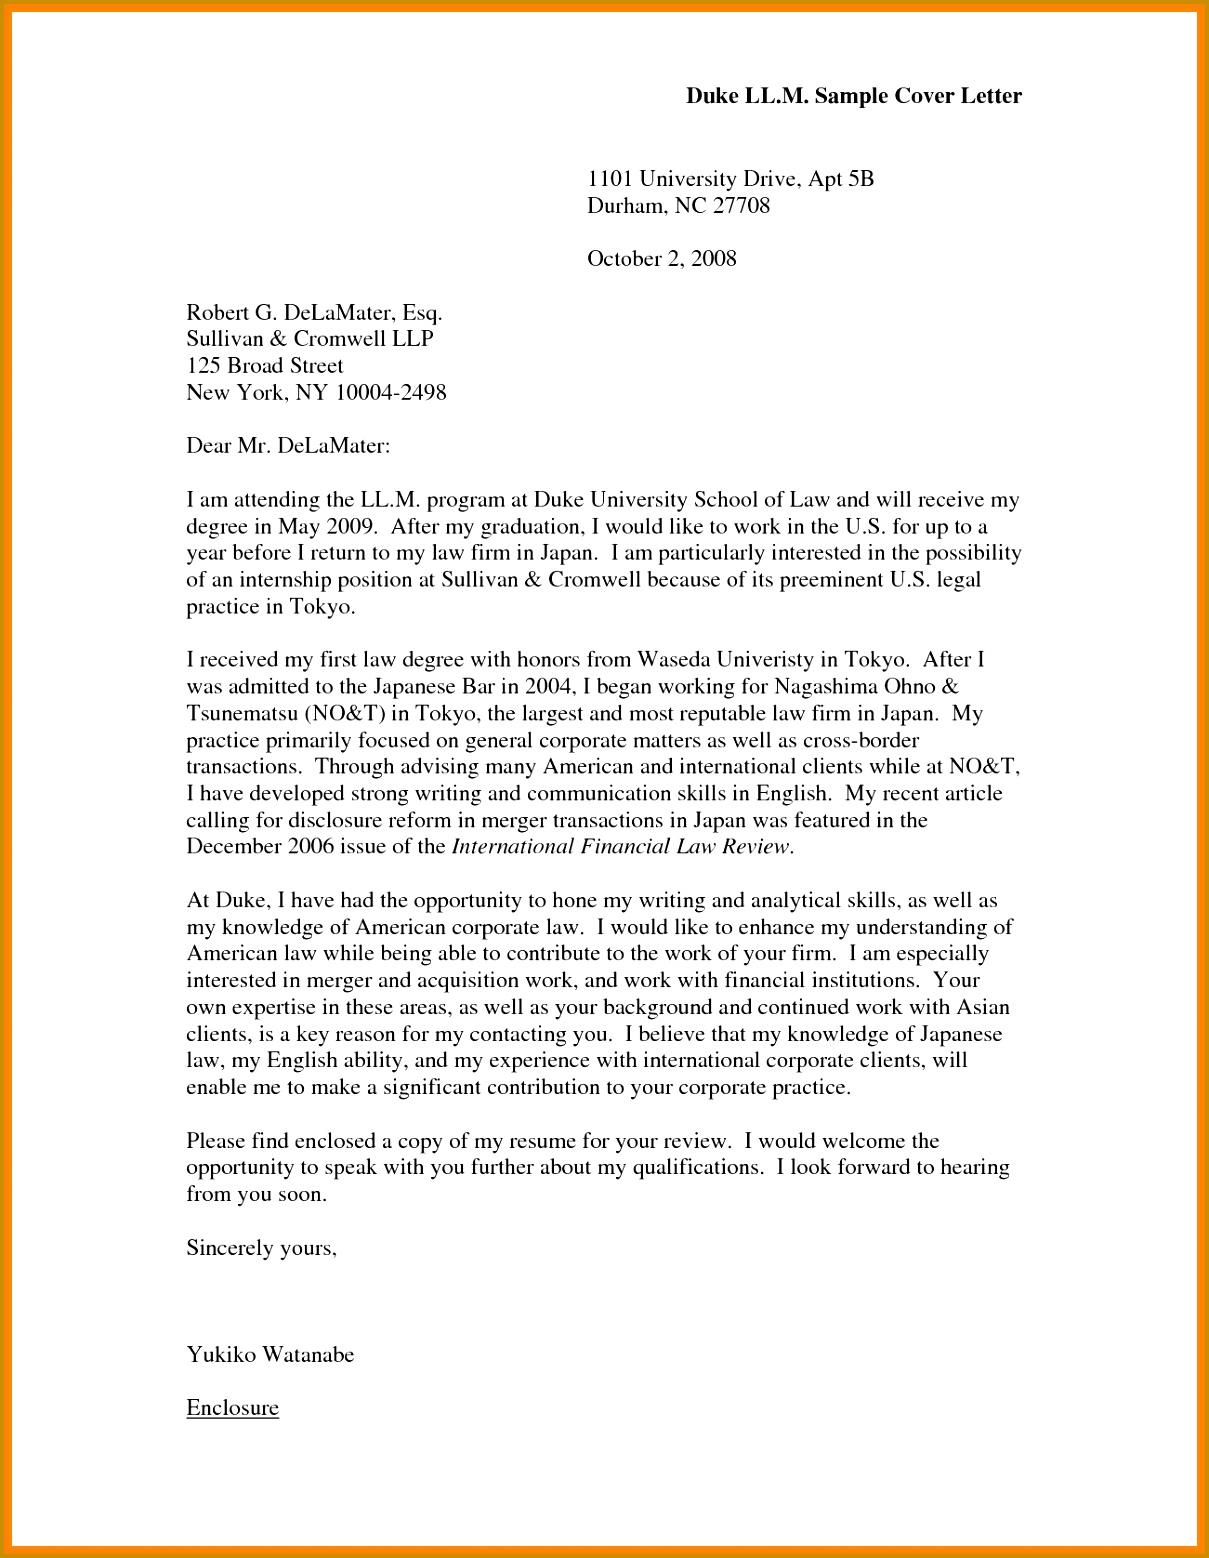 phd motivation lettet tivation letter for phd scholarship sample pdf work motivational letter motivational letter samples and templates motivation 15581209